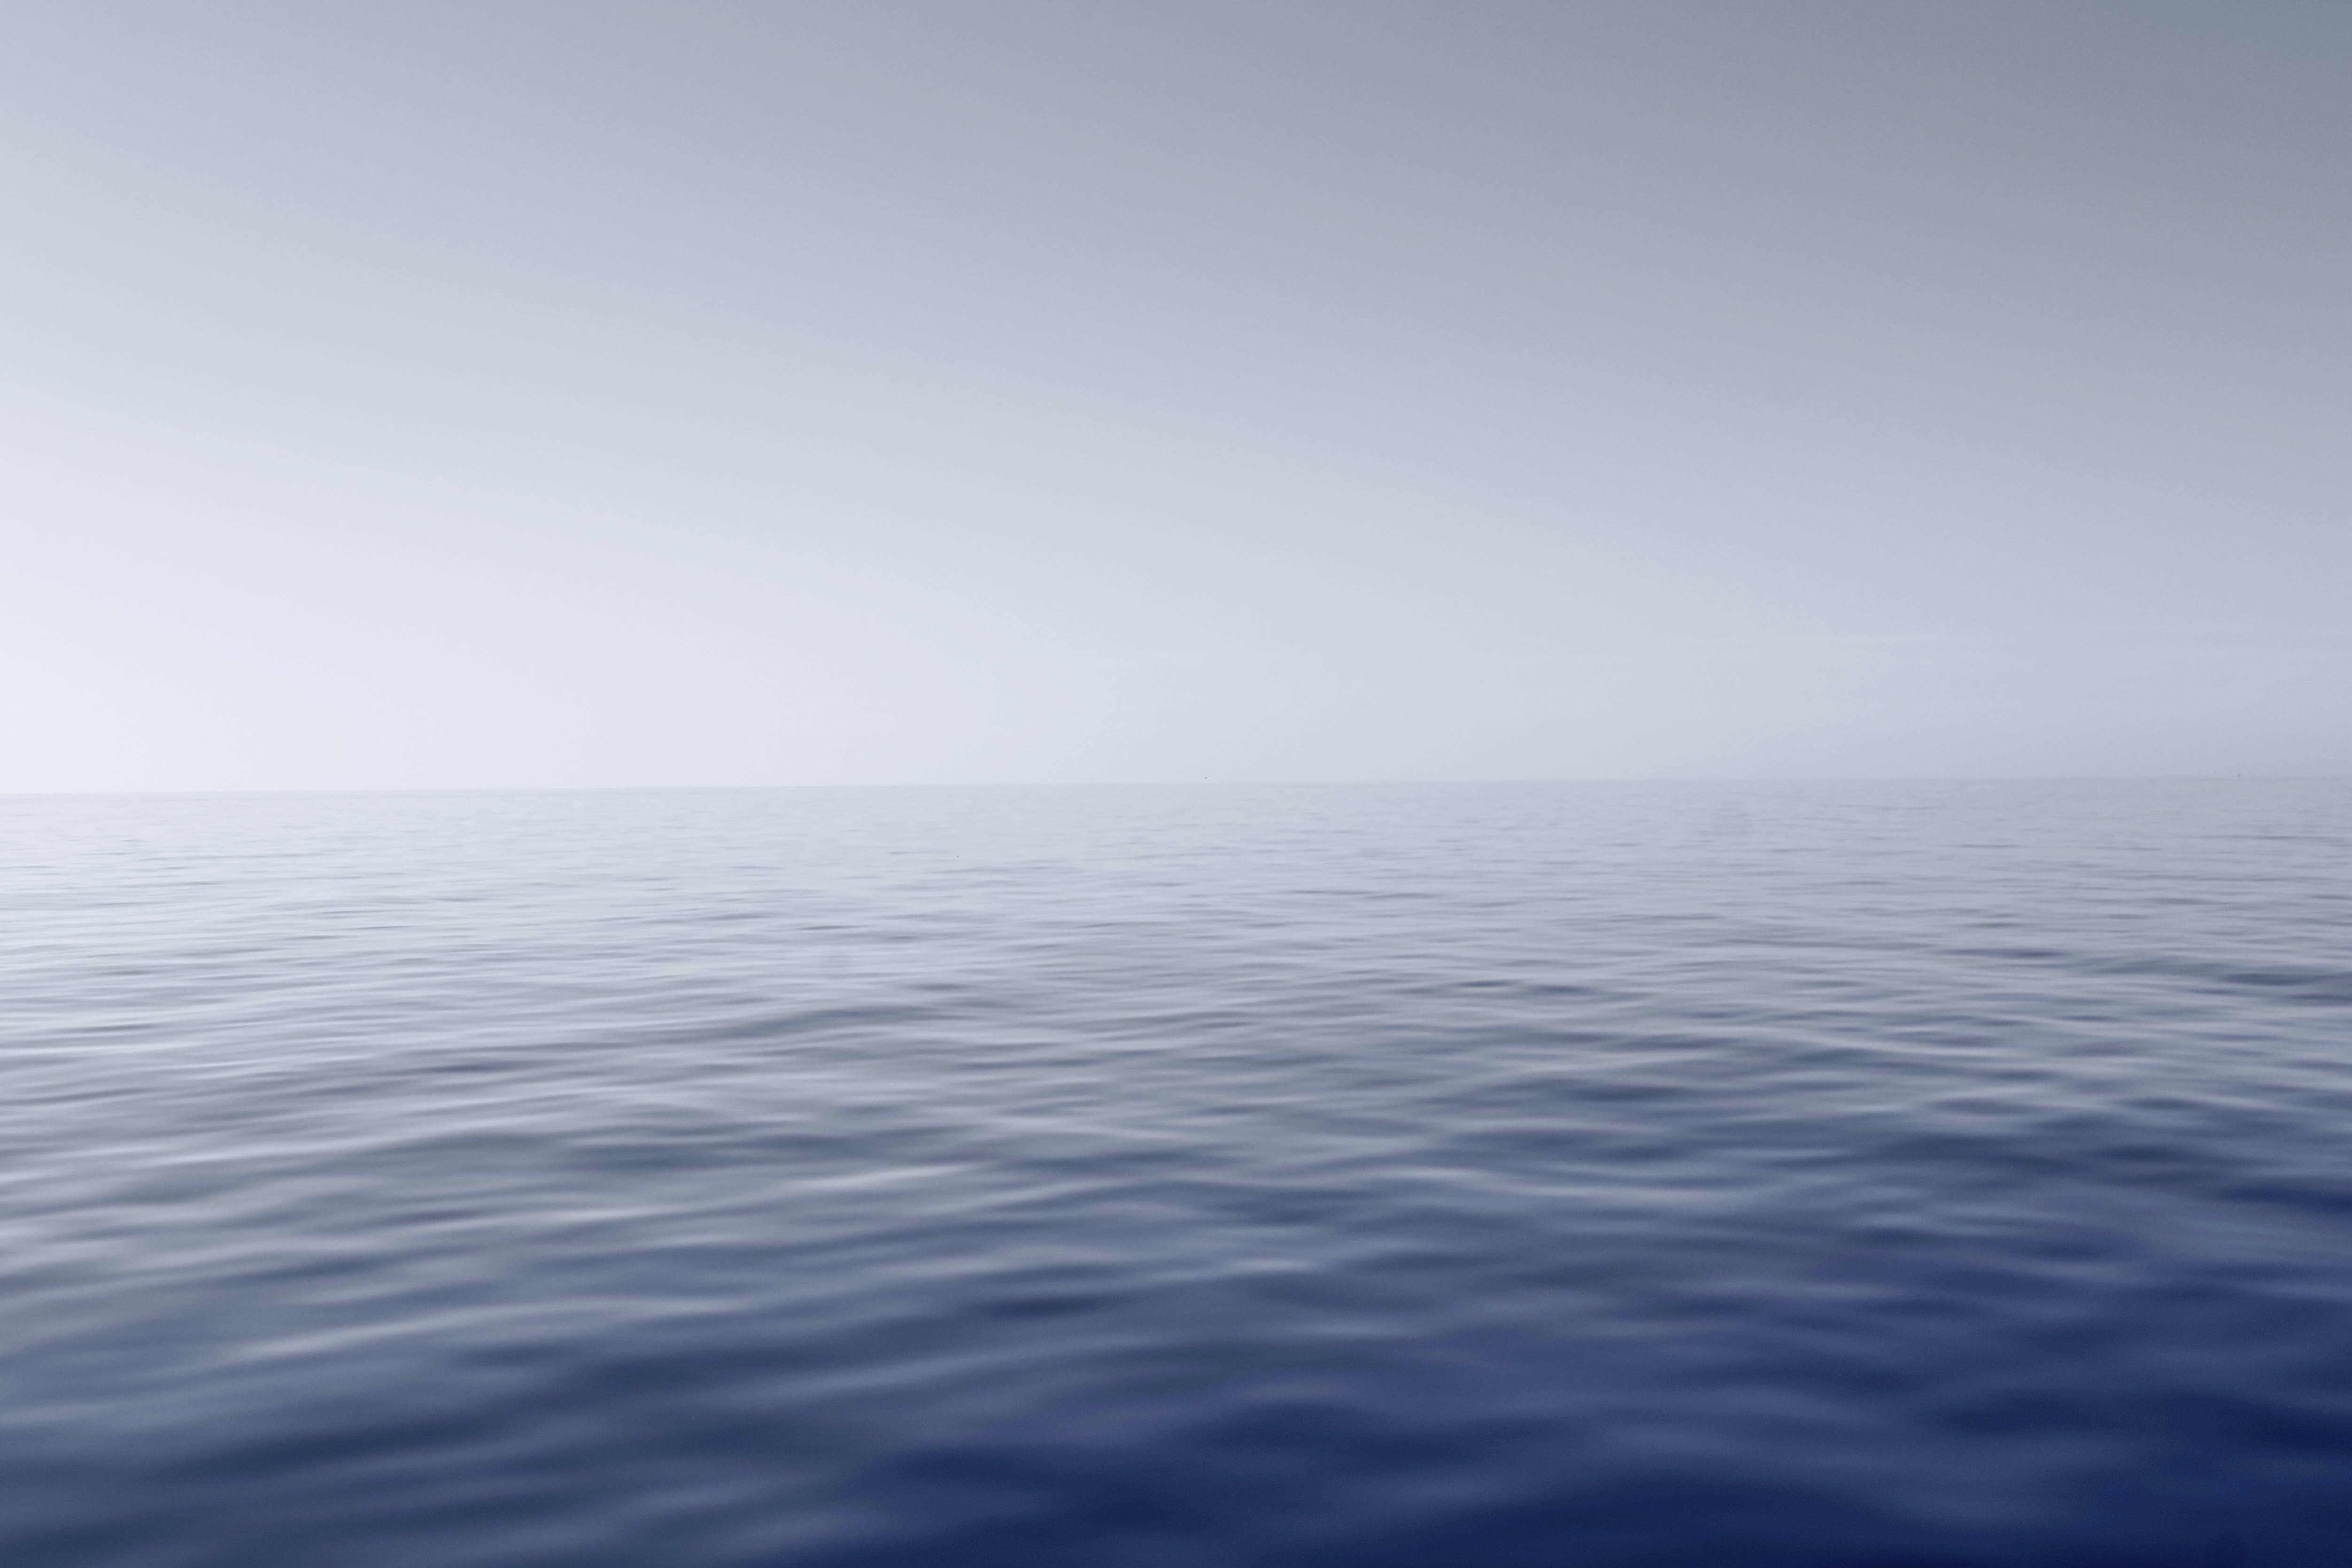 Gratis arkivbilde med blått vann, bølge, dagslys, hav